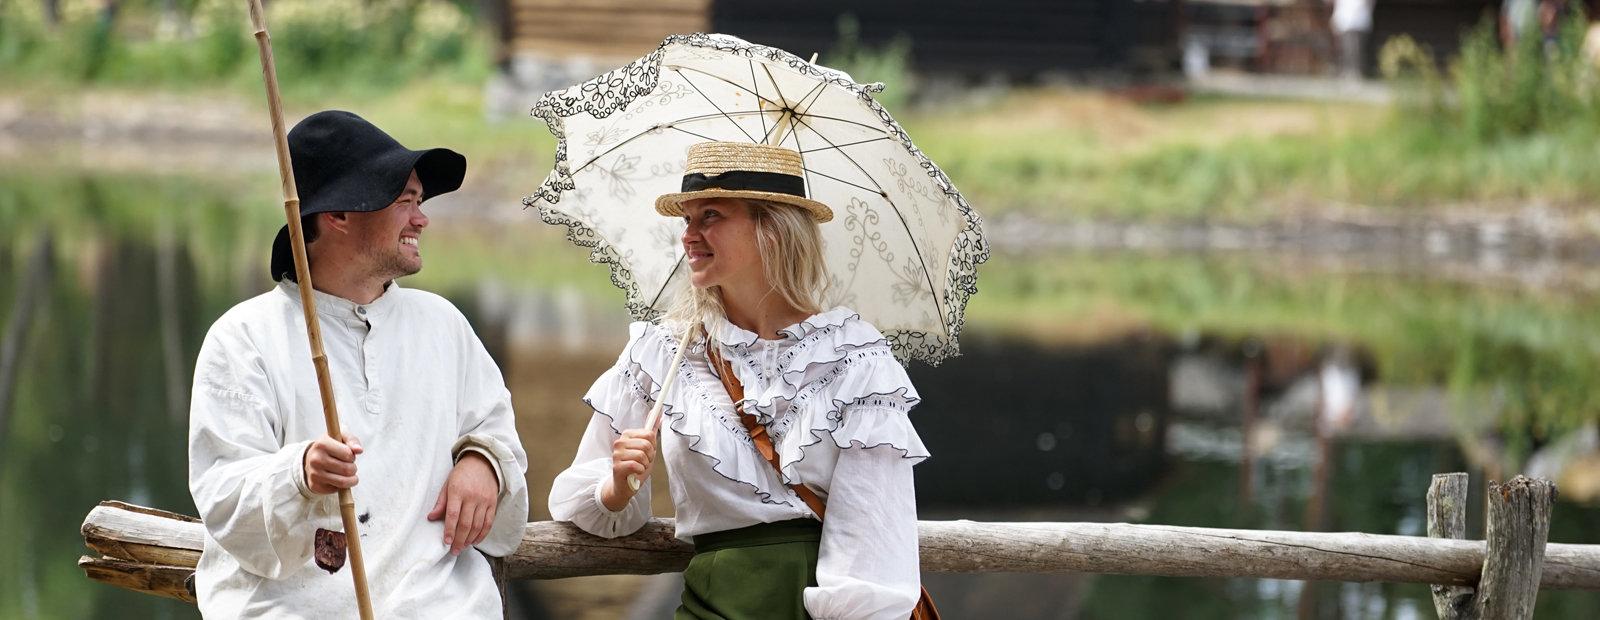 Mann og kvinne i gammeldags antrekk. Mann med fiskestang og kvinne med parasoll.